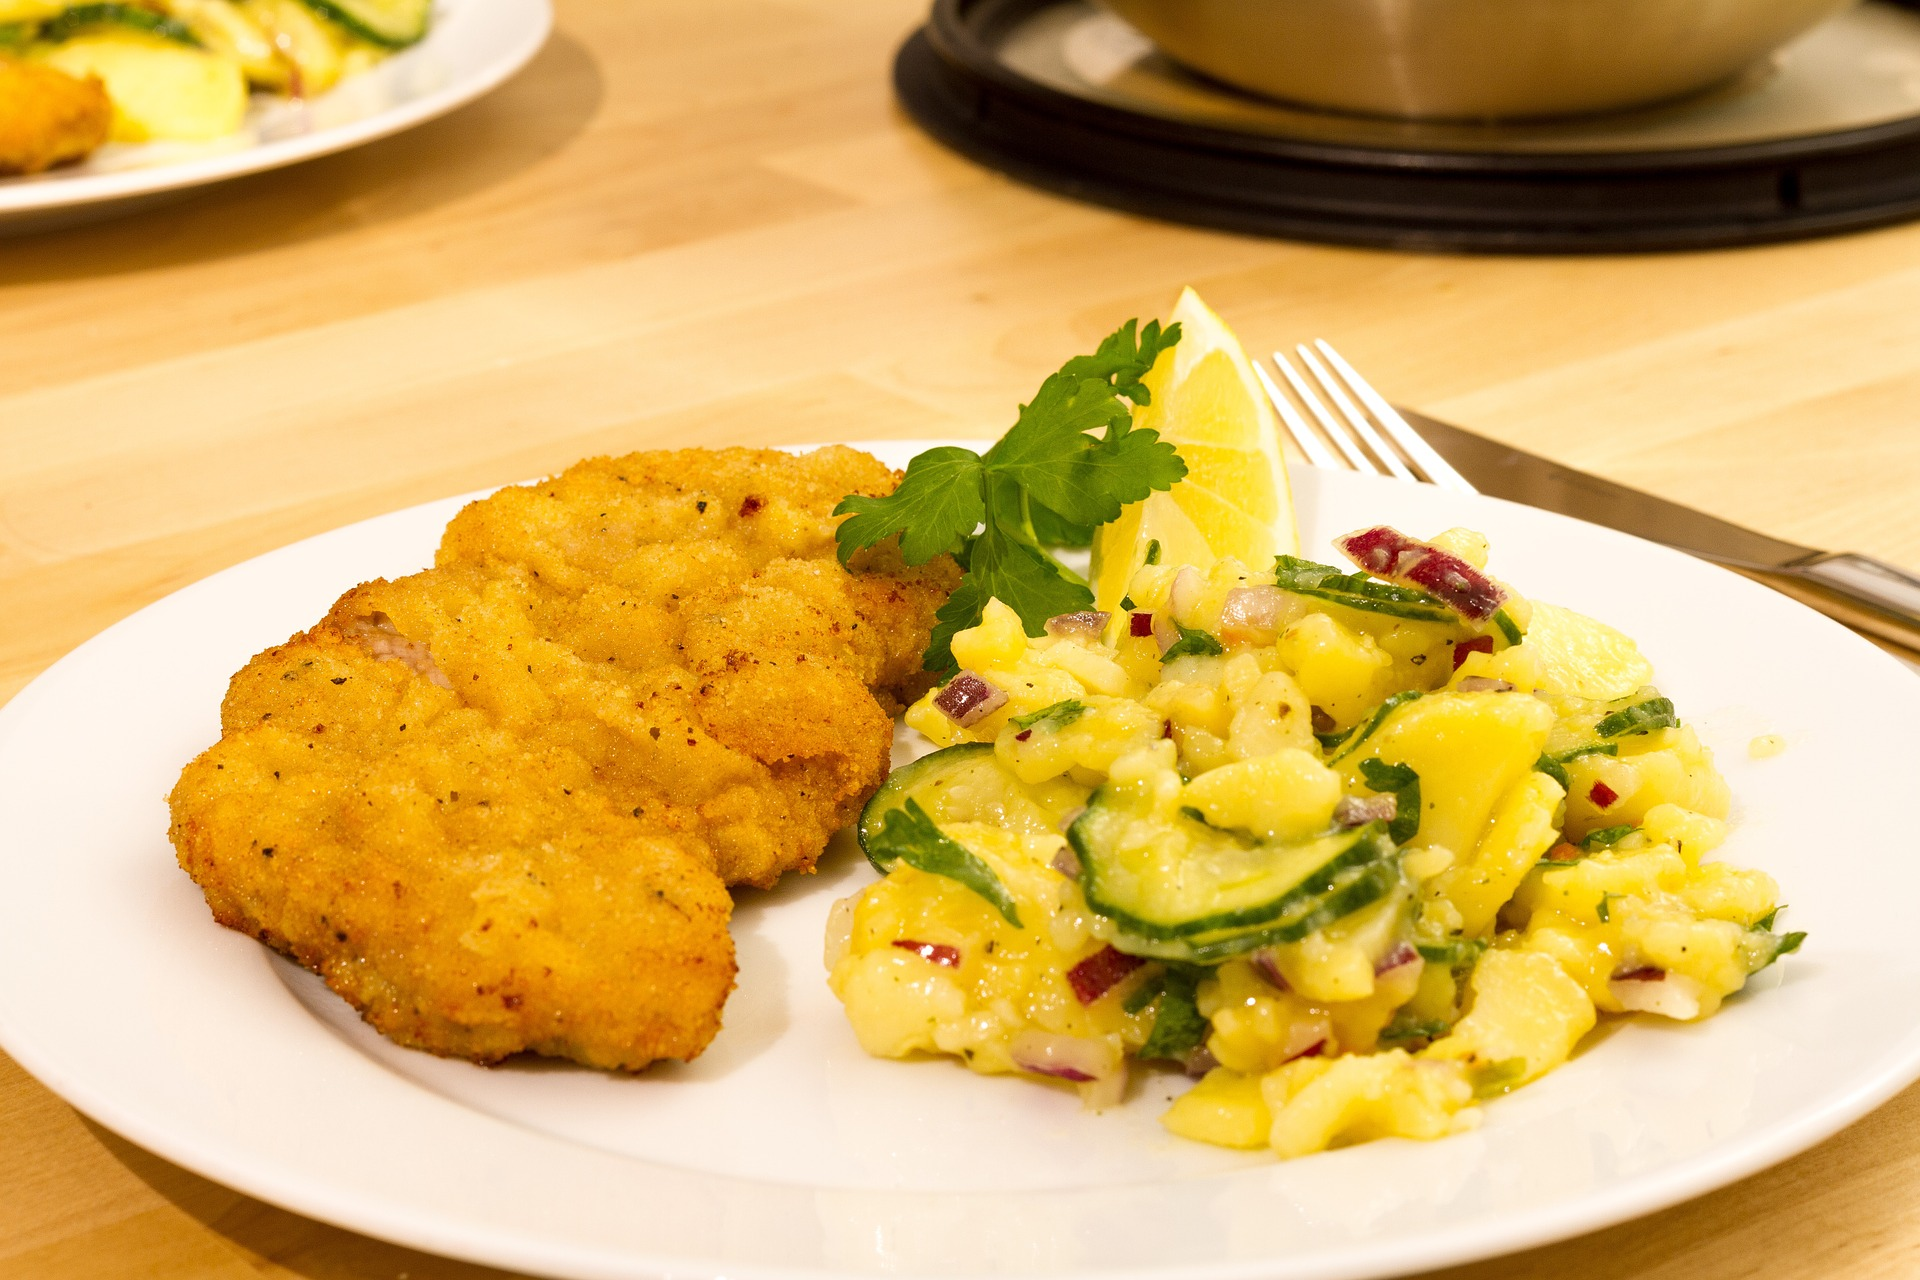 nao-e-caro-viajar-6-coisas-para-se-fazer-na-alemanha-schnitzel-